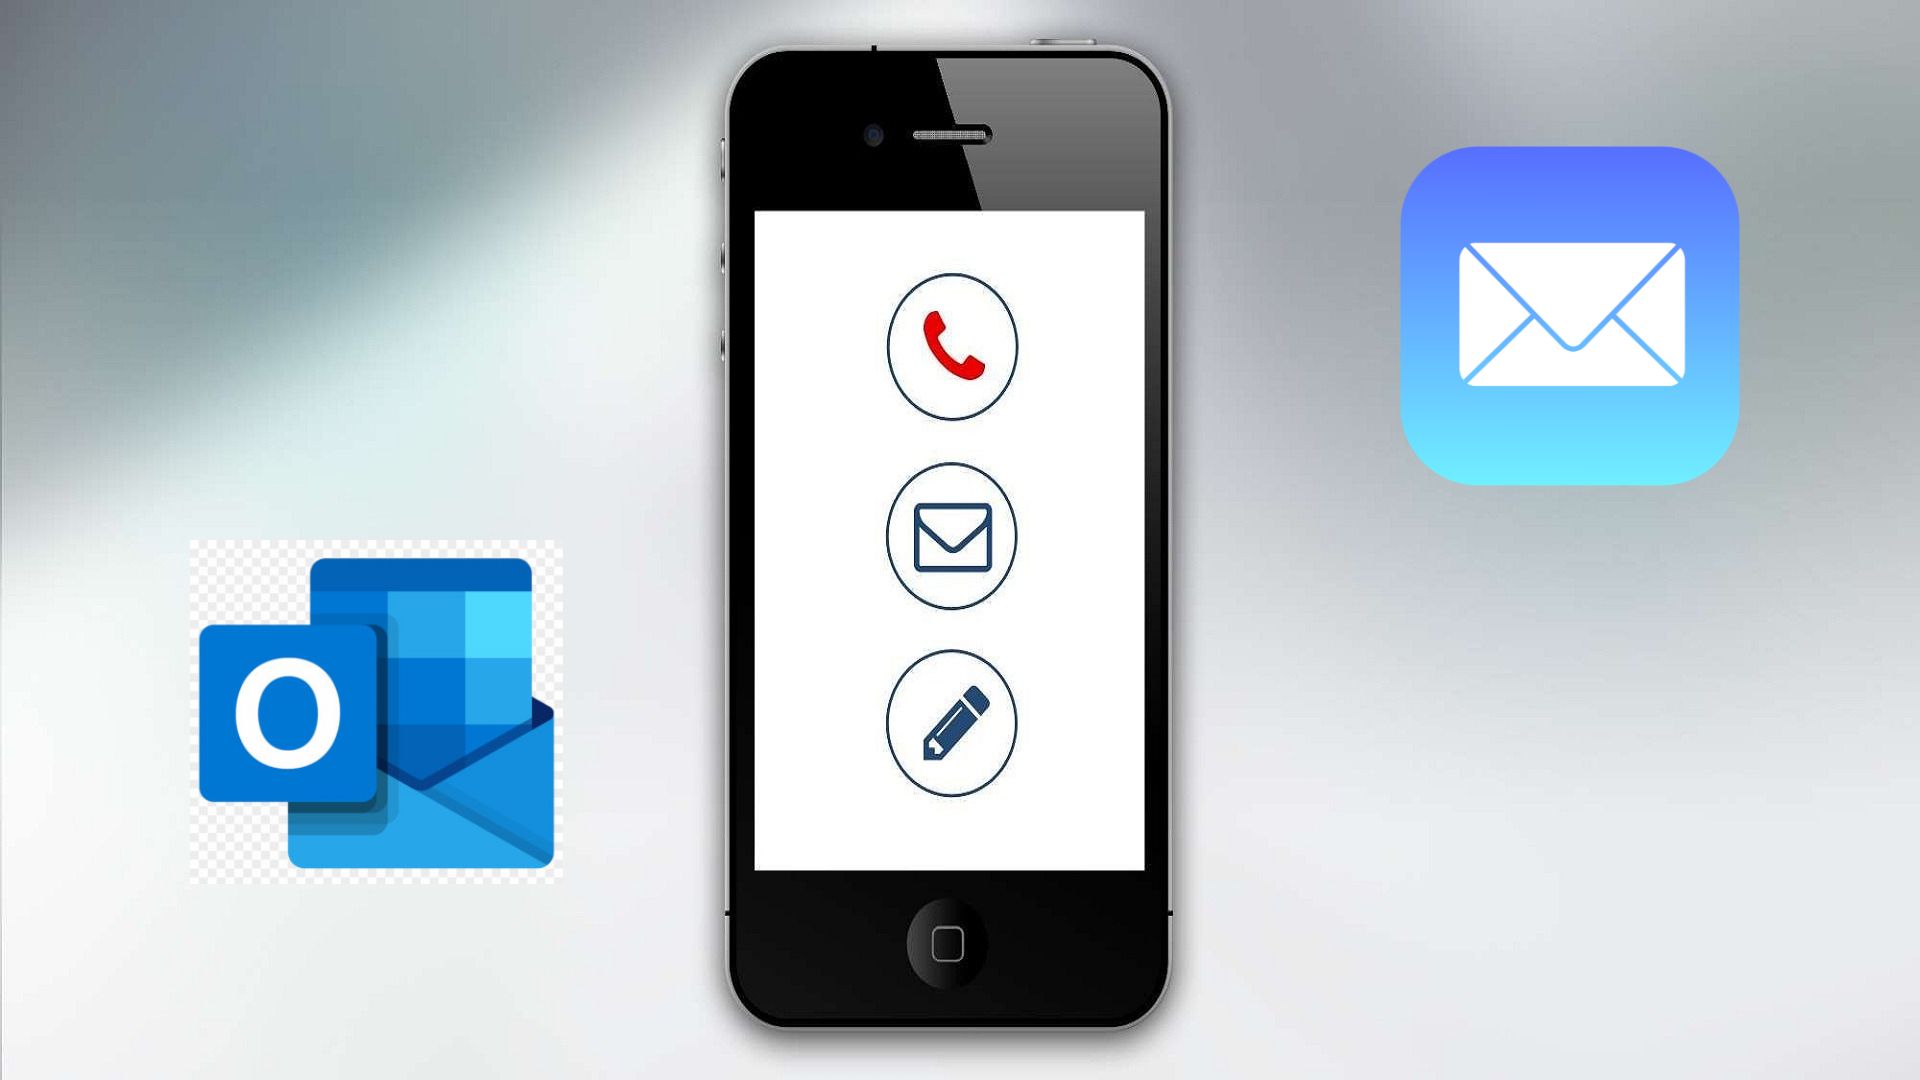 Приложение Outlook против Apple Mail: что является лучшим почтовым приложением iOS